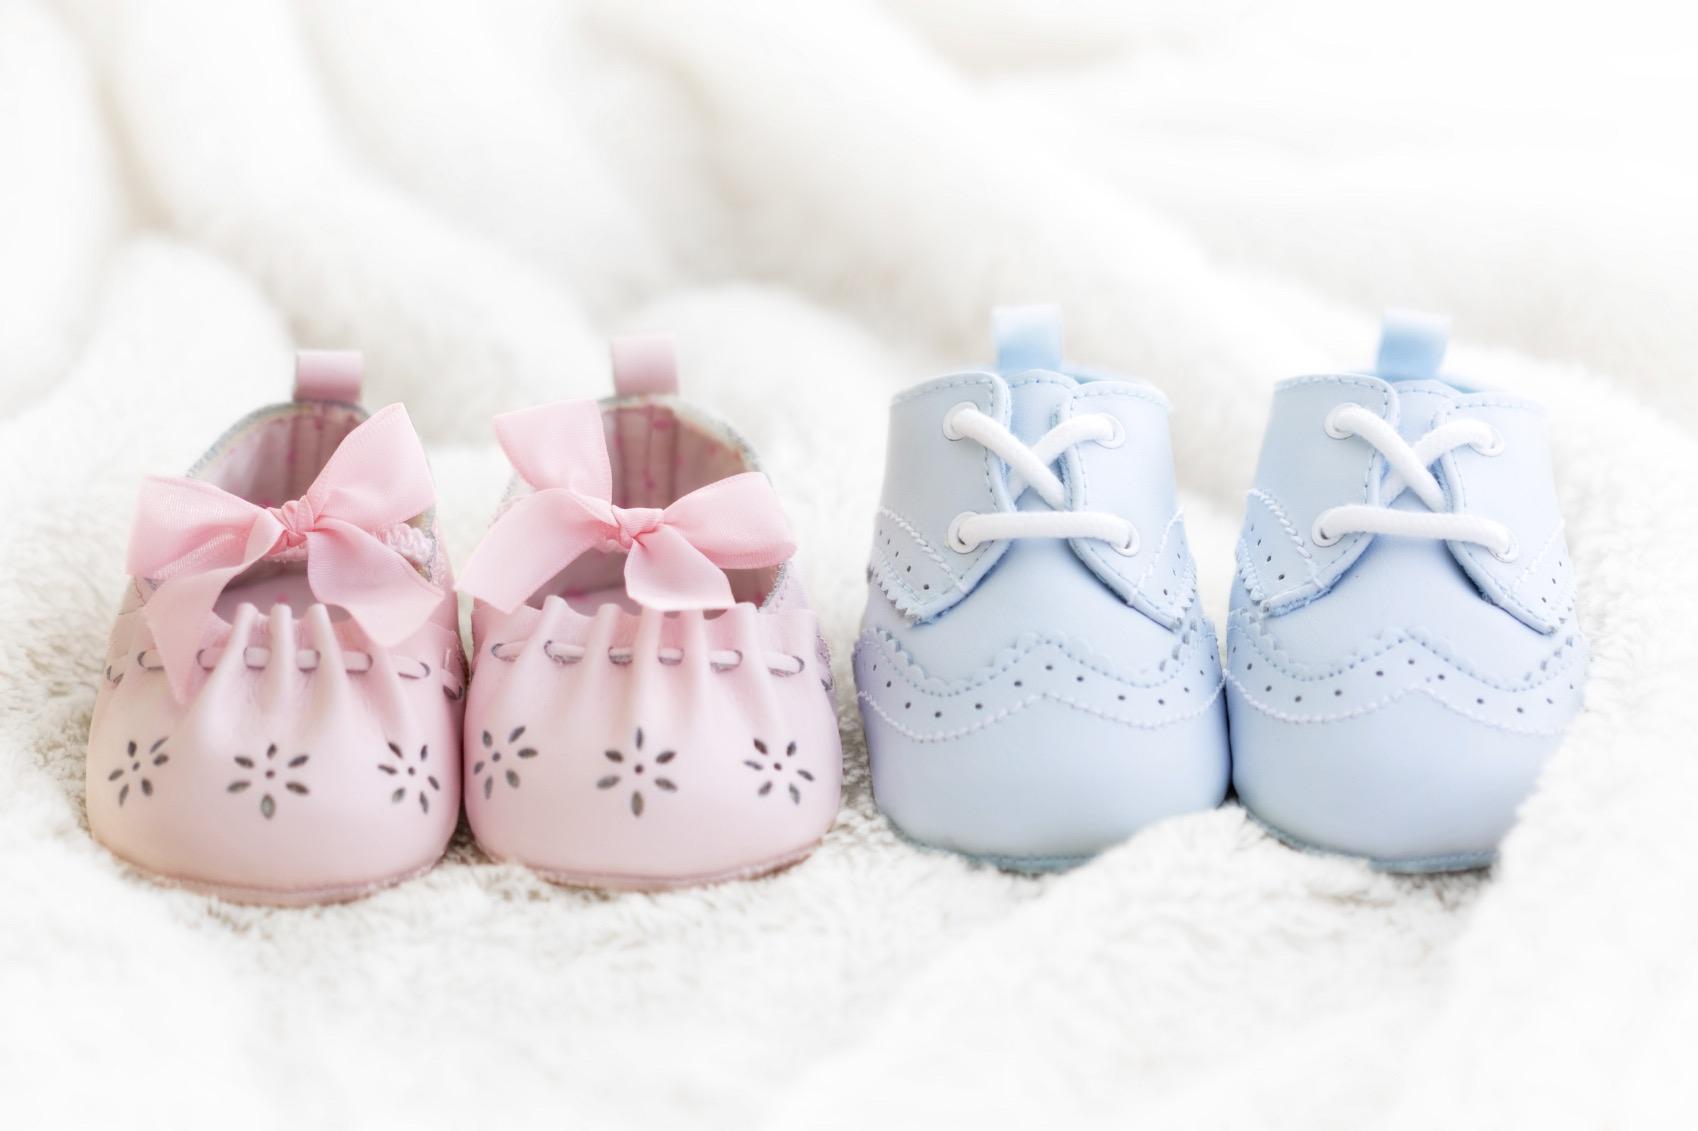 صور شكل بطن الحامل ببنت او ولد بالصور , معرفة نوع الجنين من شكل بطن الام